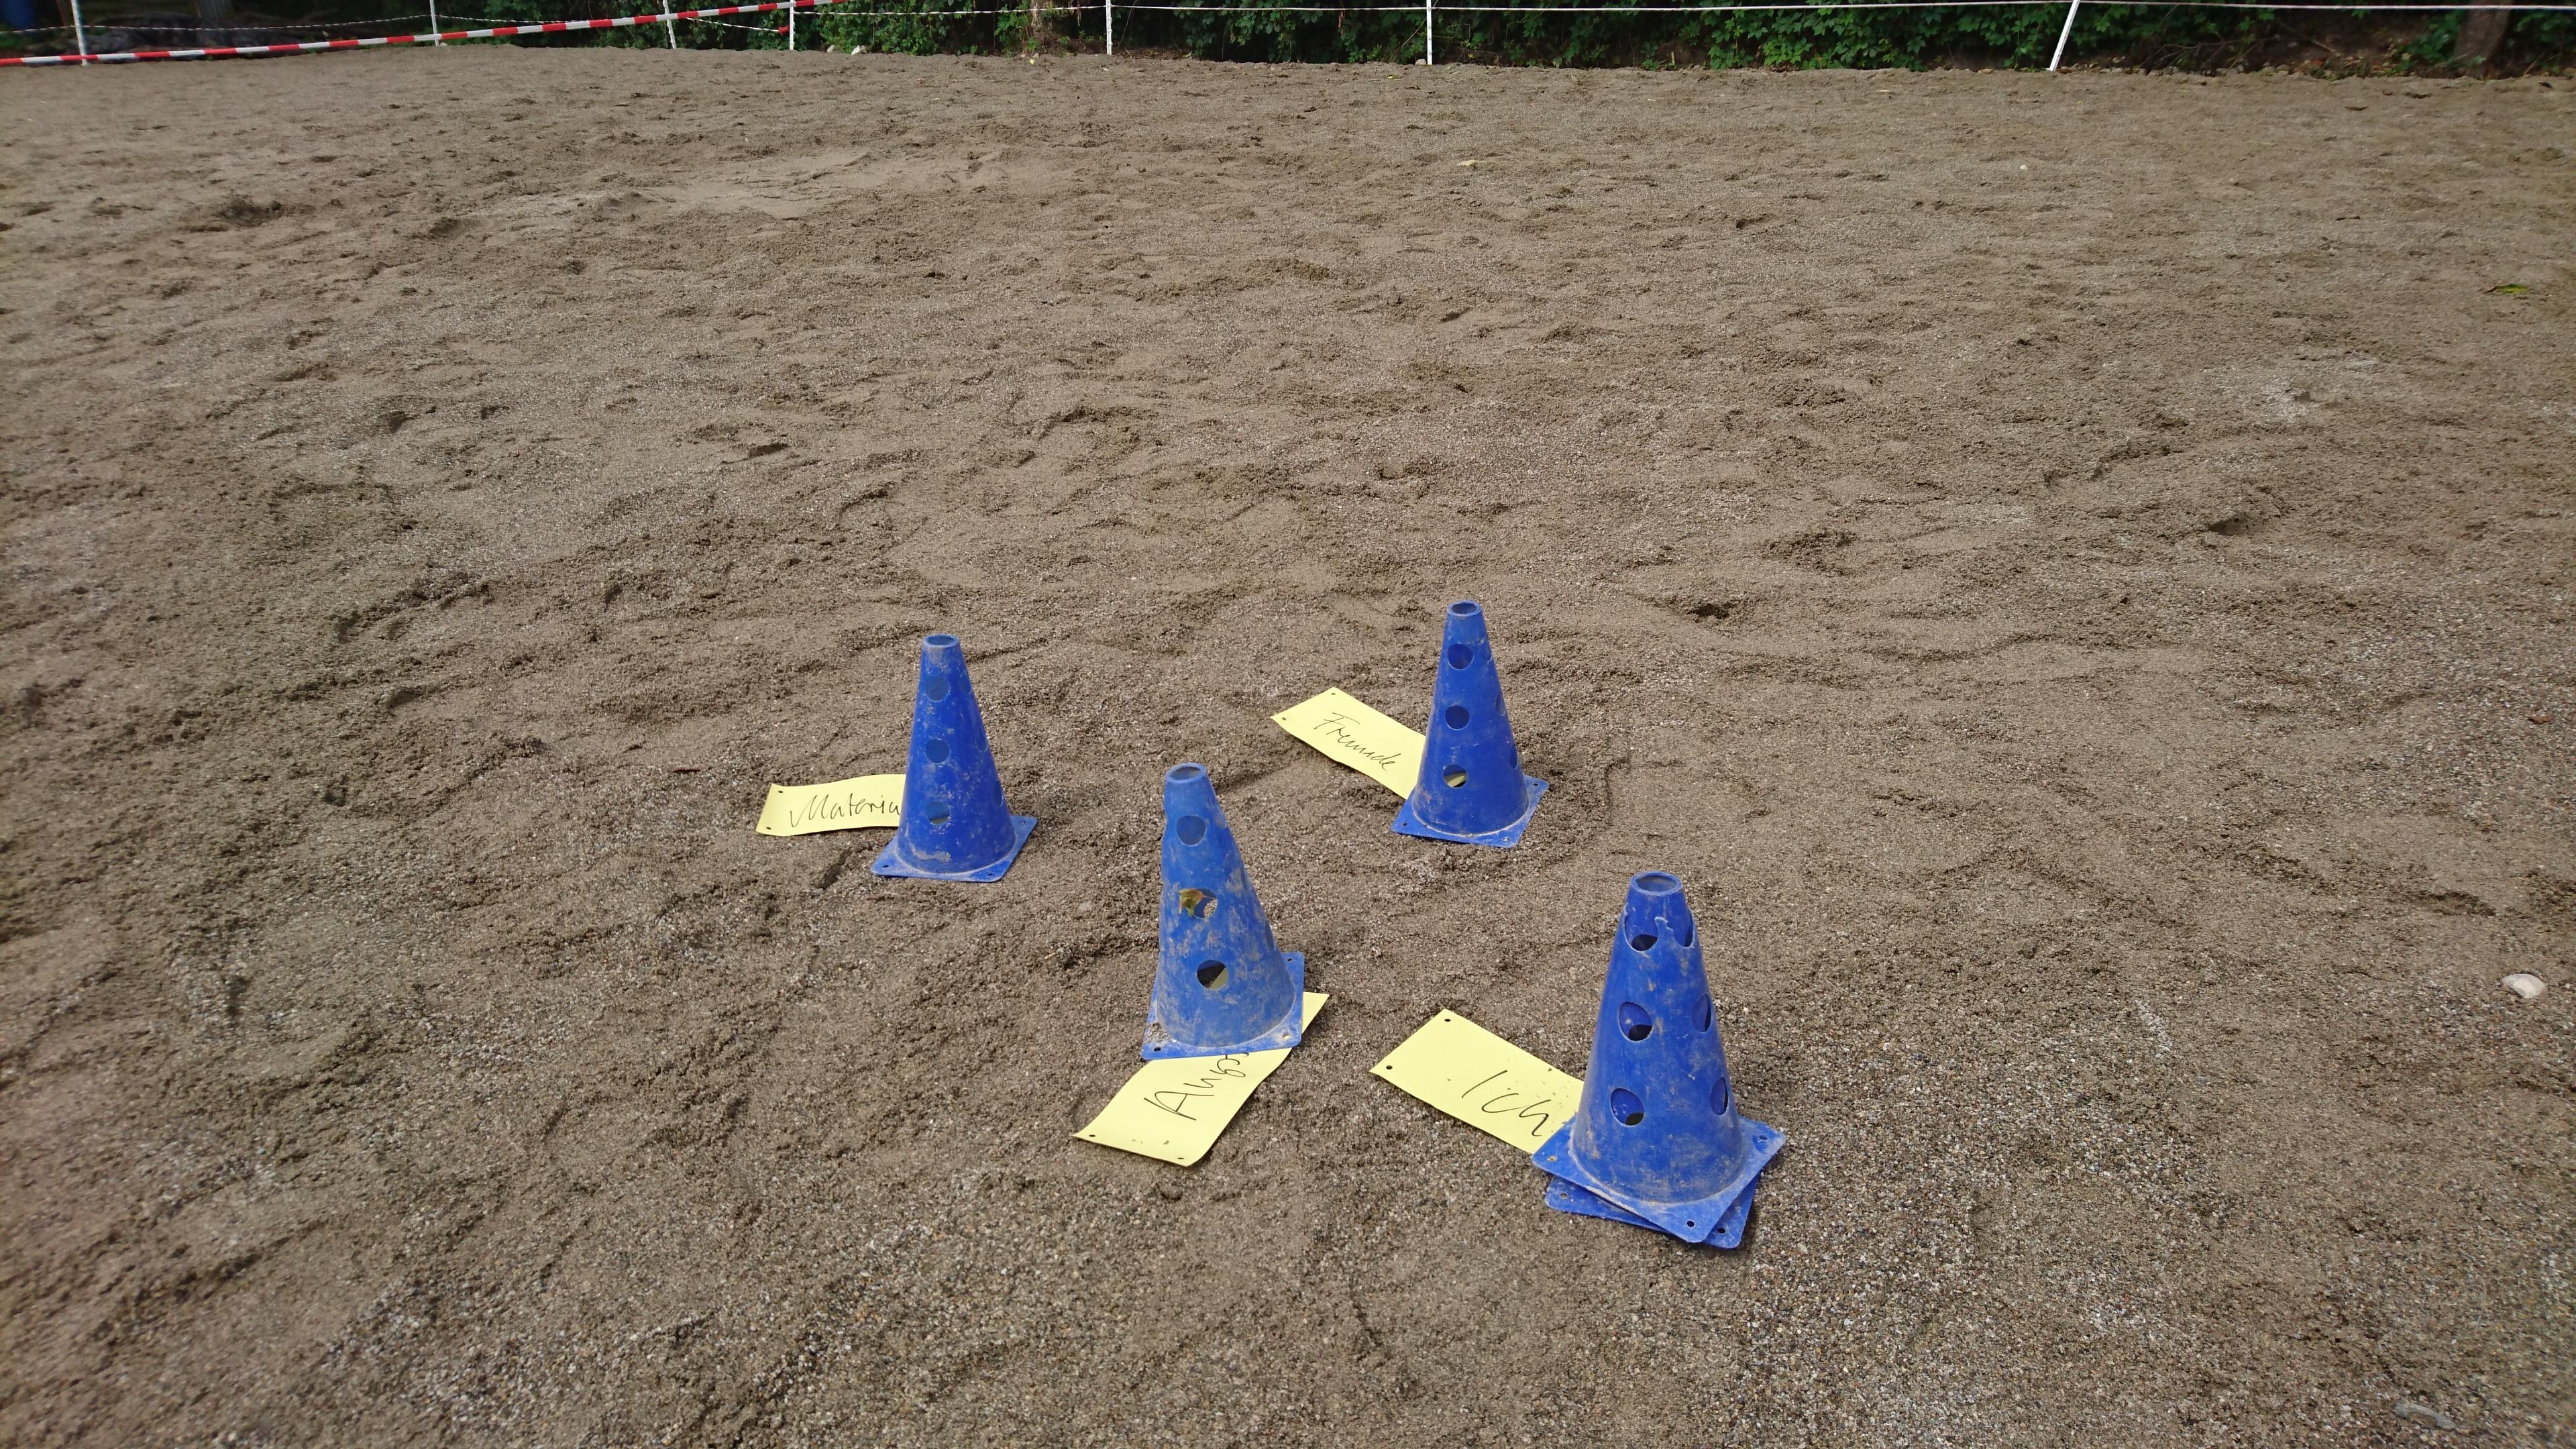 Systemmisches Coaching mit Pferden in Deutschland